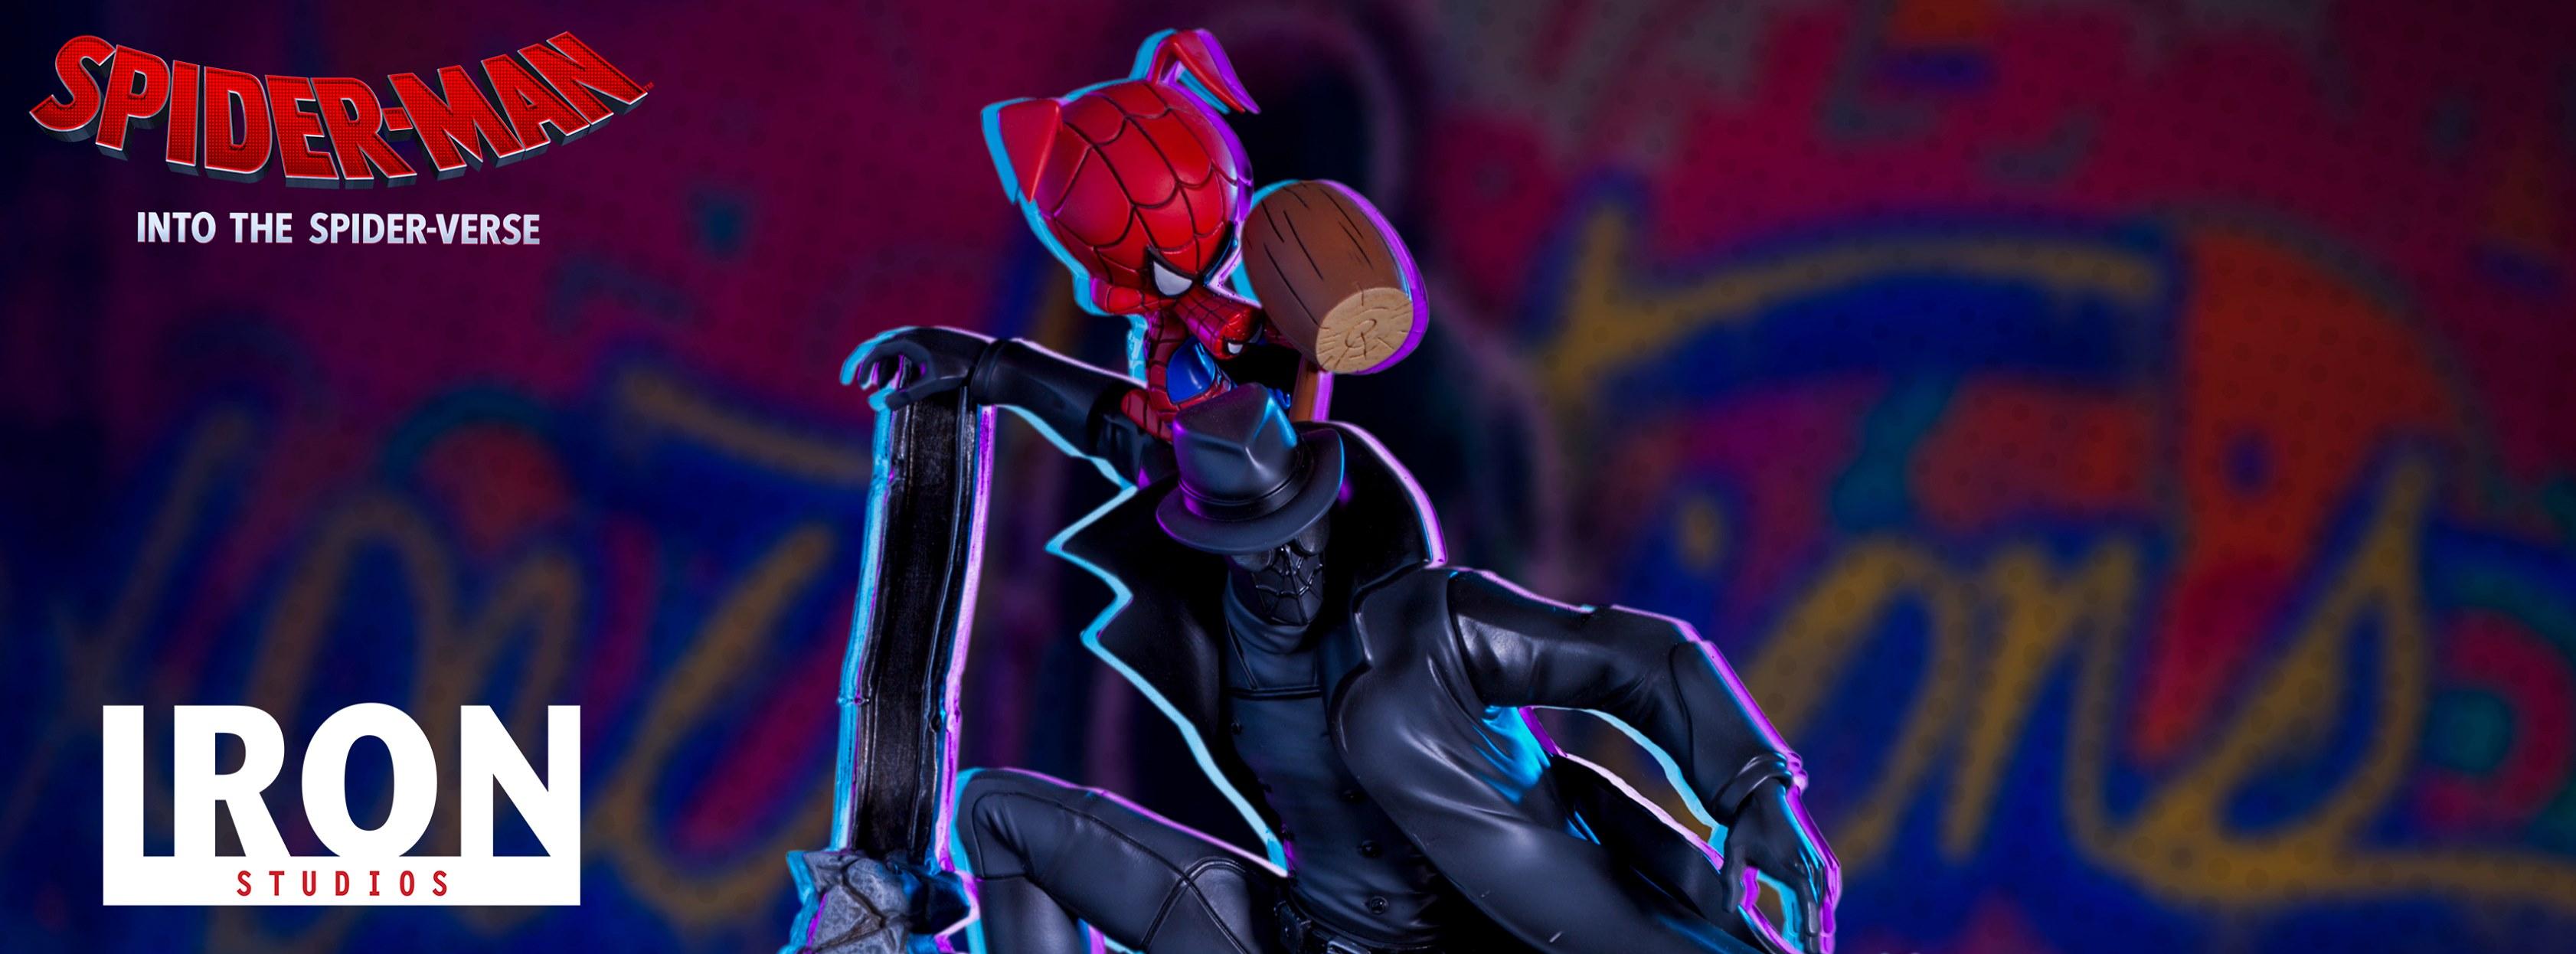 Iron Studios: Noir Spider-Man & Spider-Ham